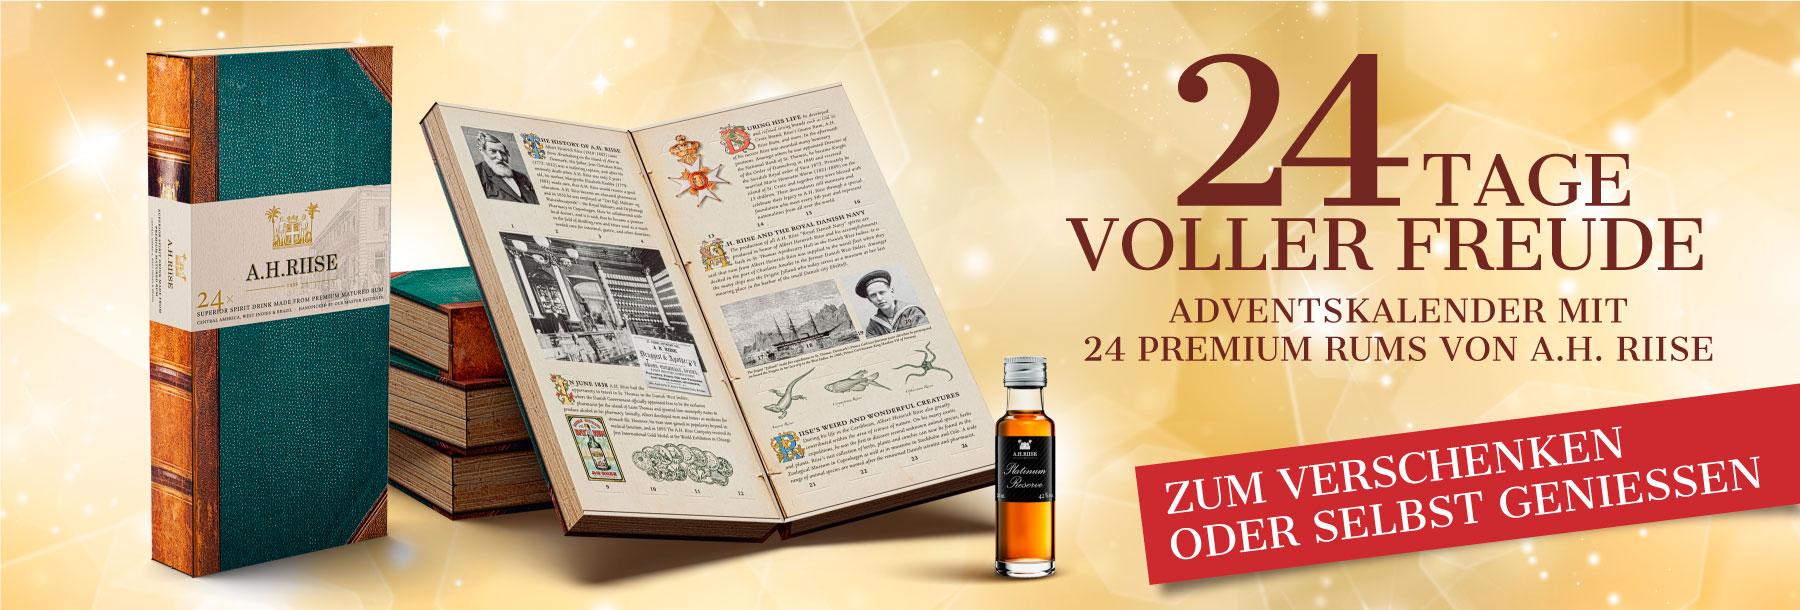 Riise Rum Adbventskalender Tasting Weihnachten Geschenk für Sie für Ihn